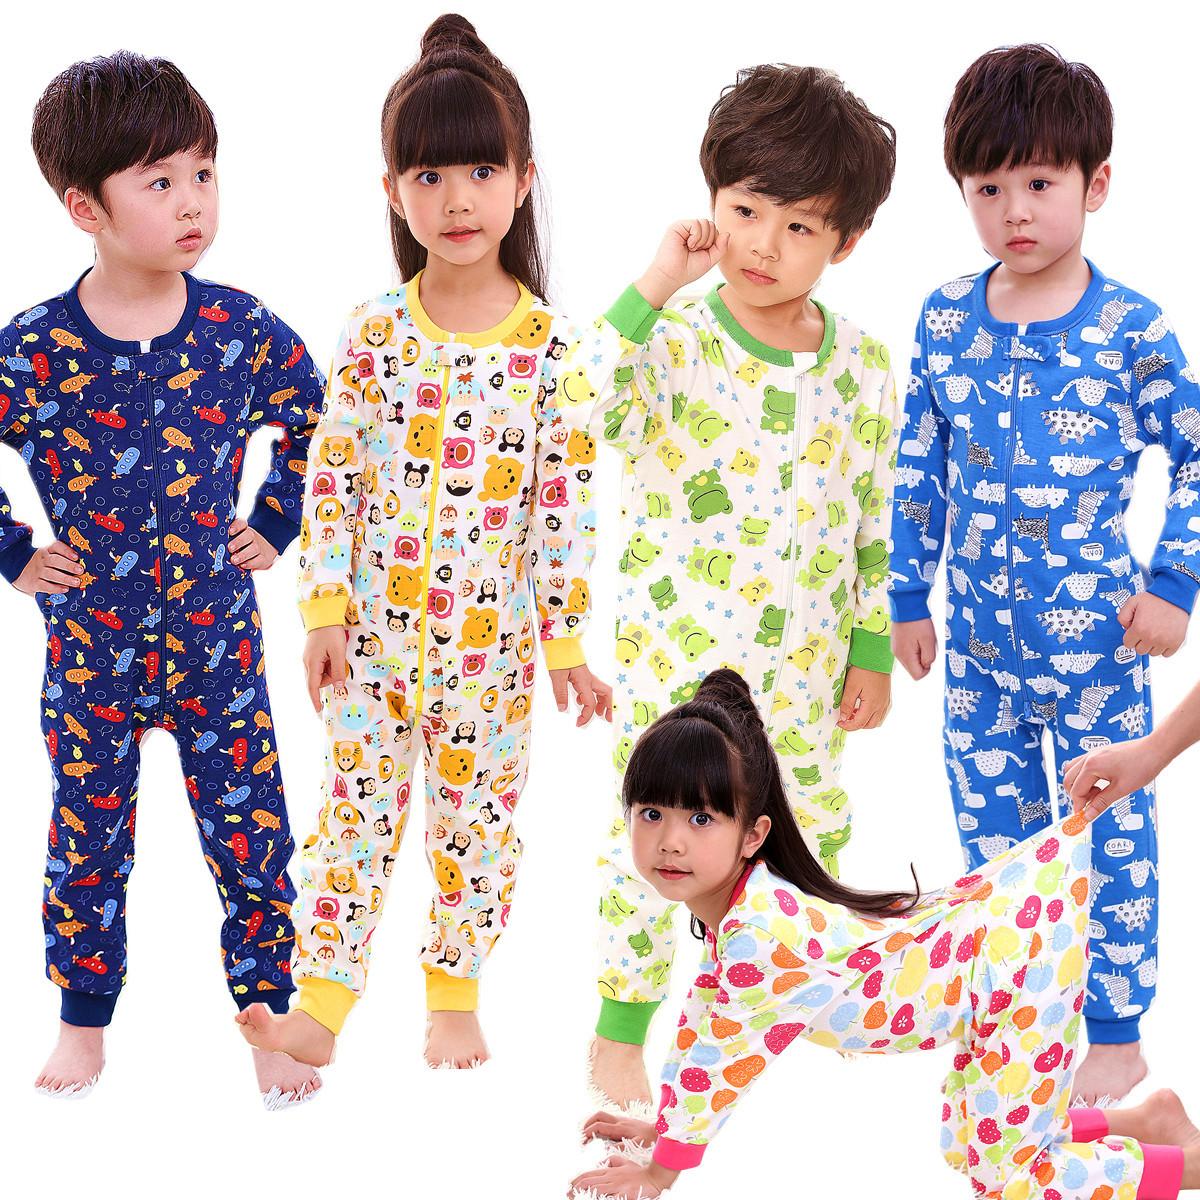 純棉春秋1到7歲大碼全開拉鍊後開腰兒童爬服連體睡衣寶寶哈衣